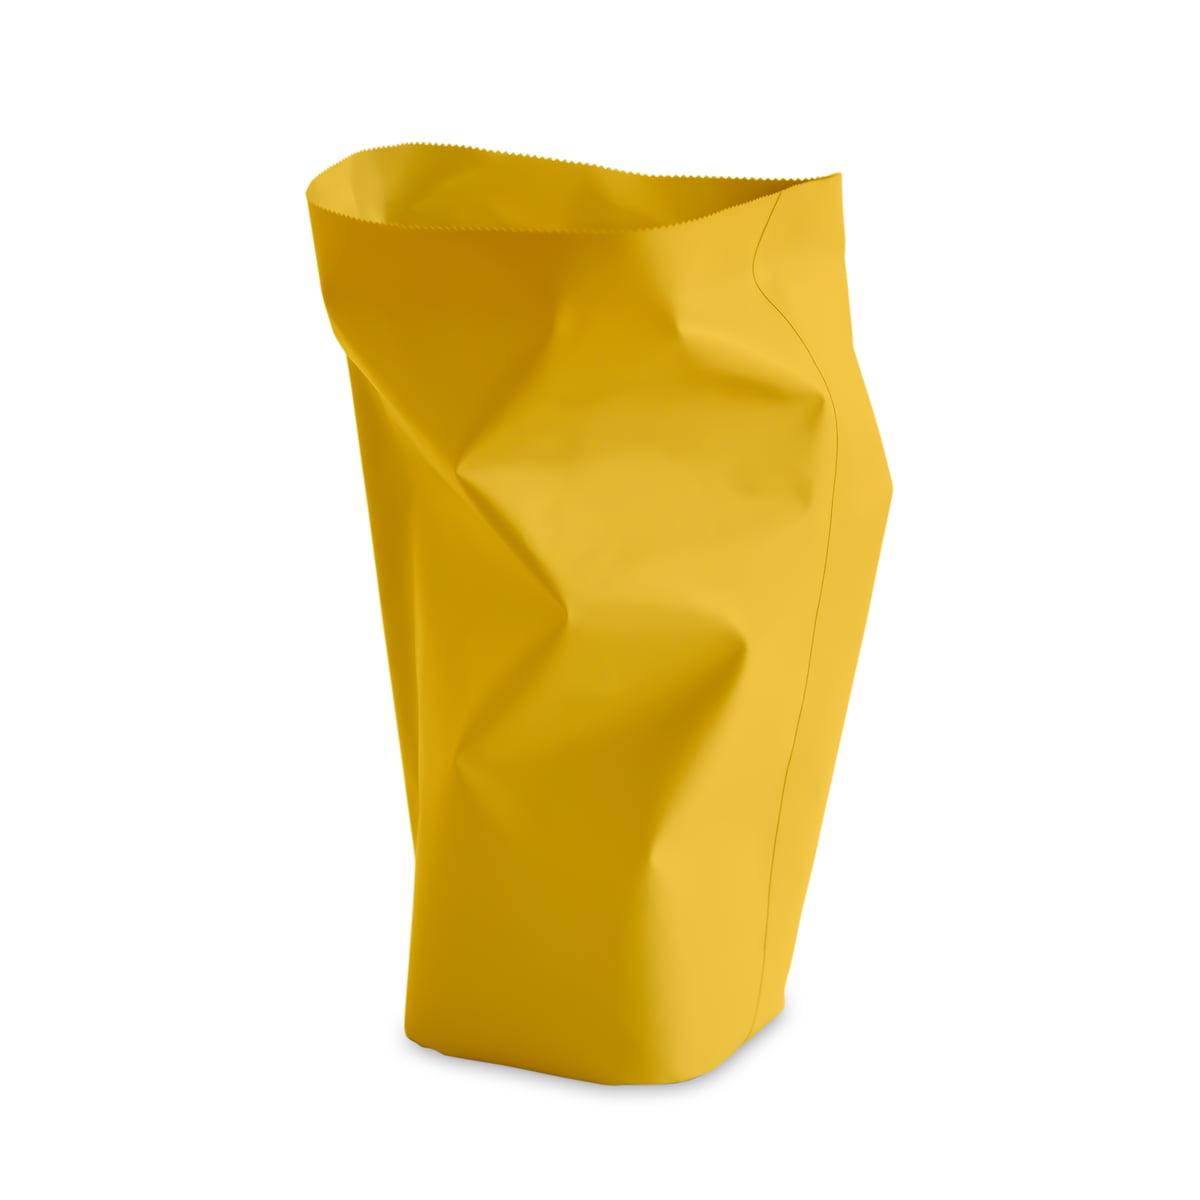 L und z roll up papierkorb l zitrone freisteller